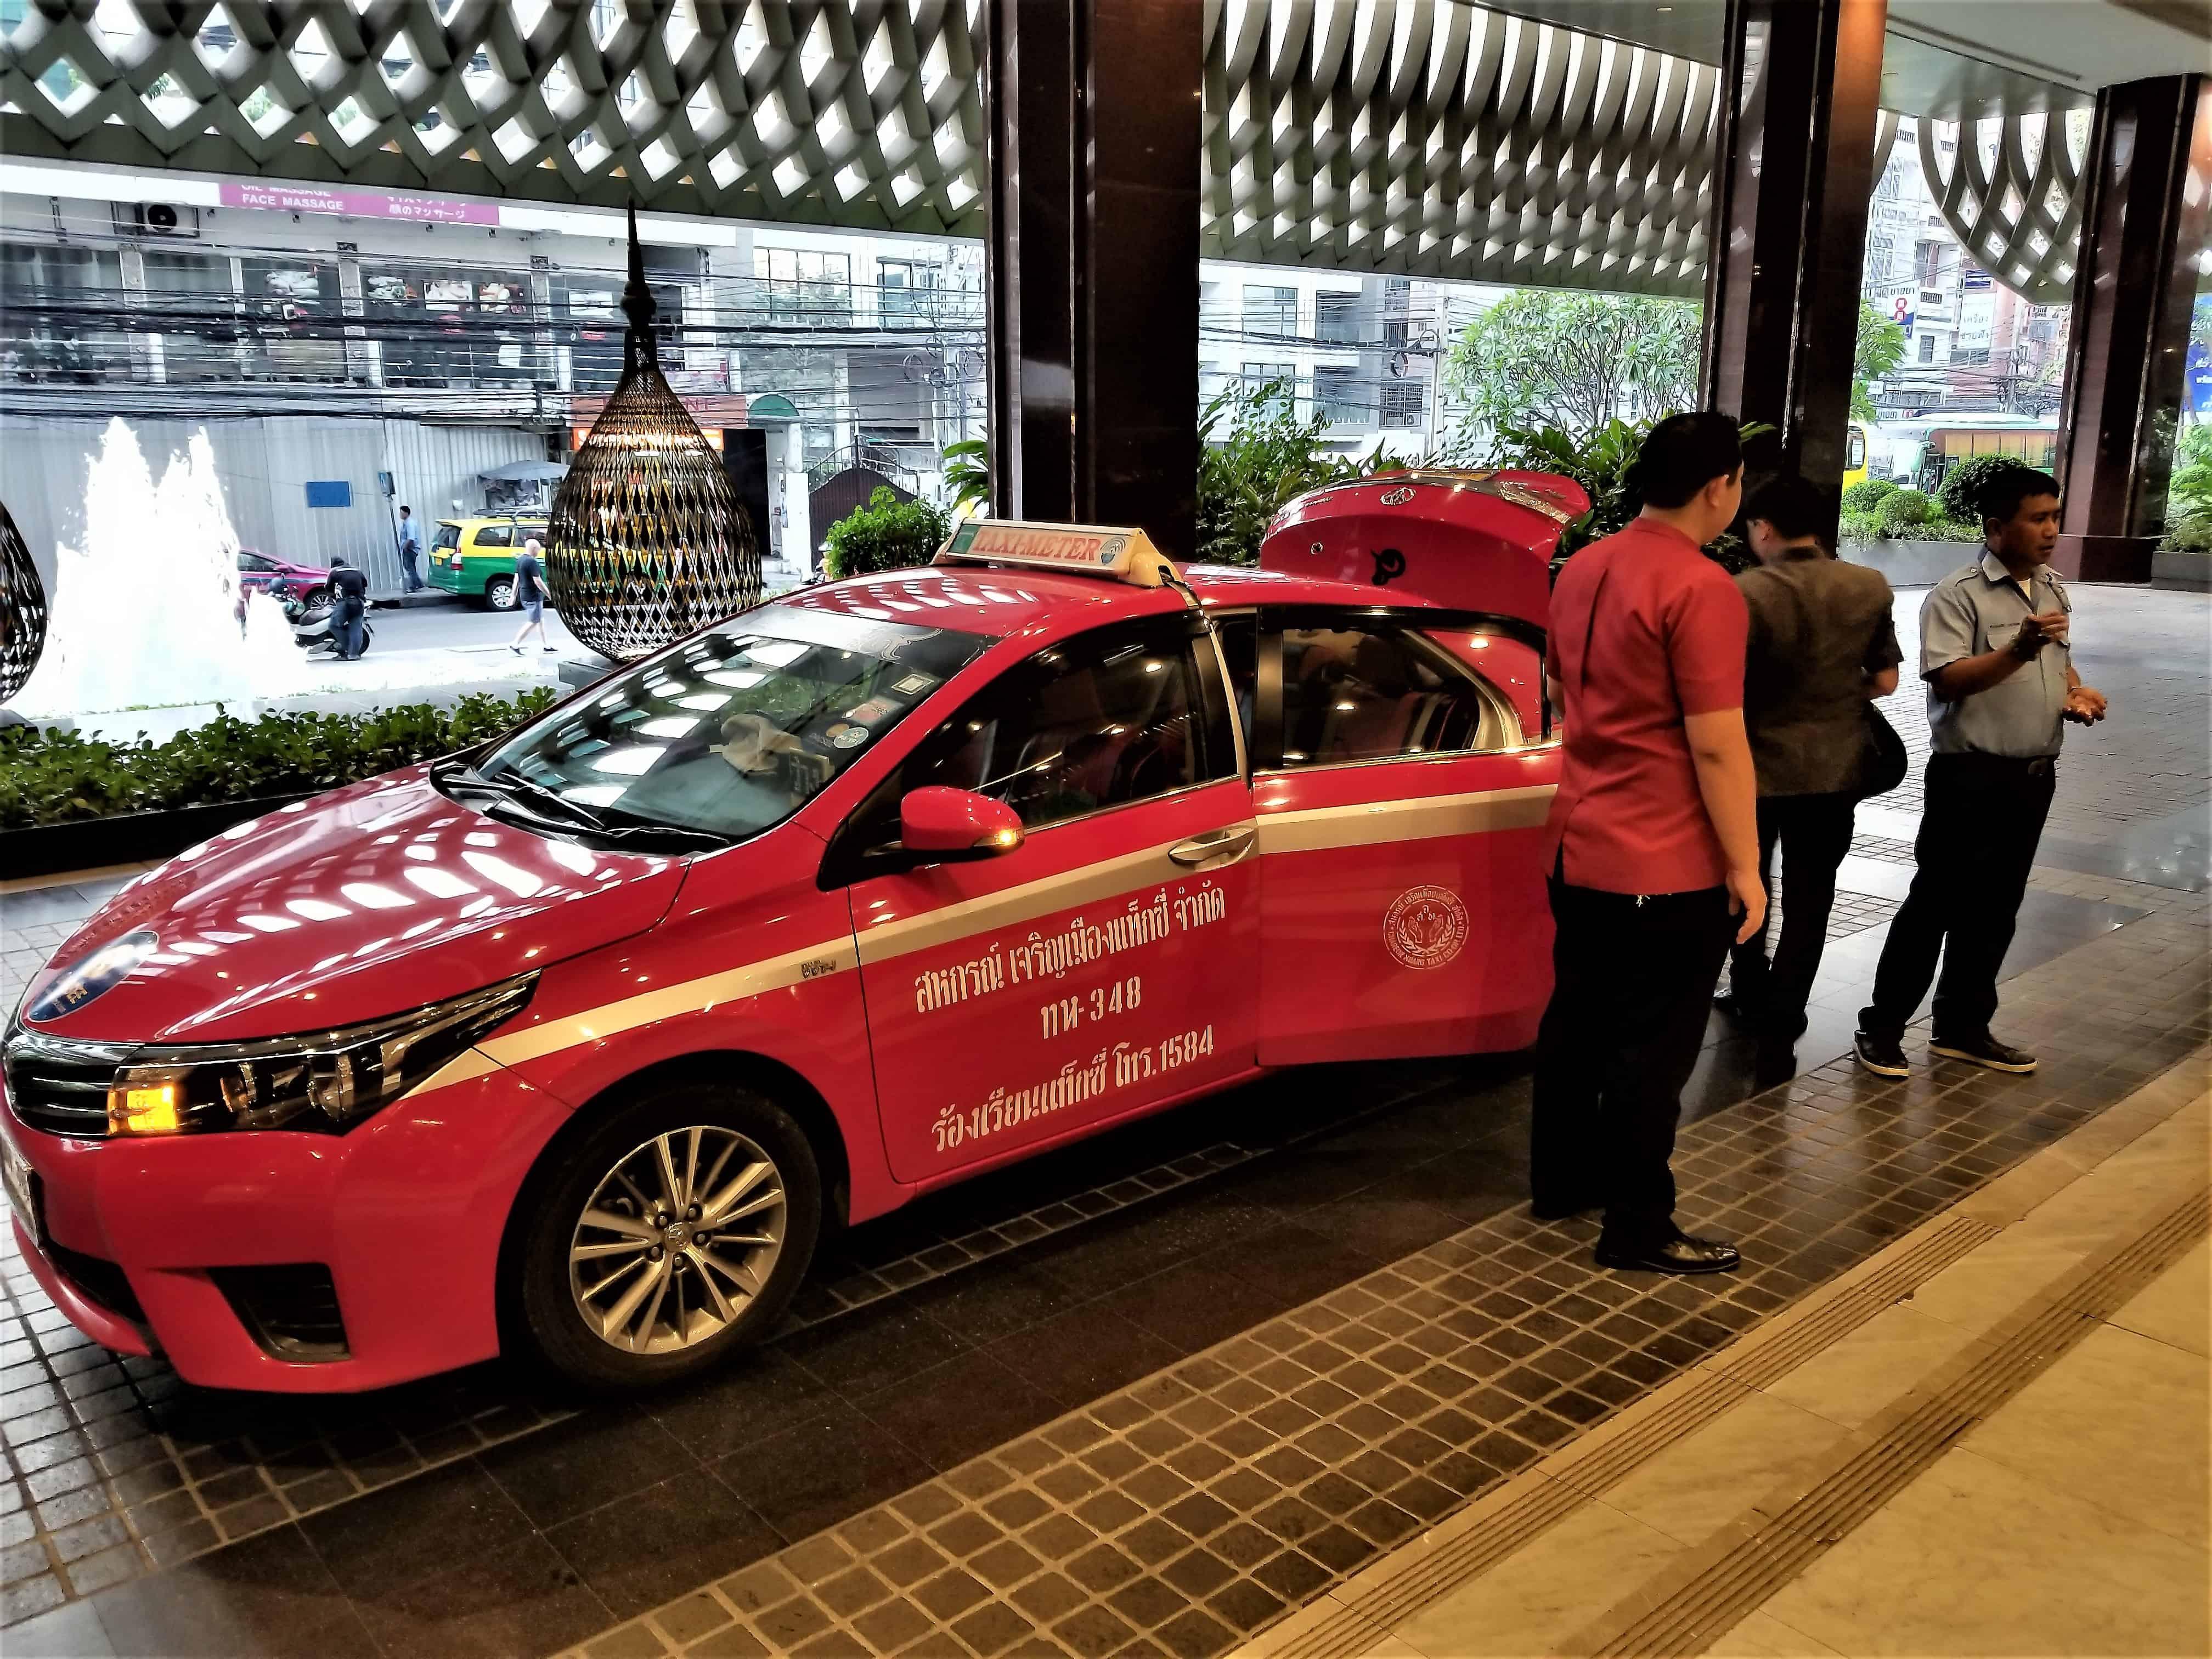 image-of-bangkok-taxi-at-hotel-entrance